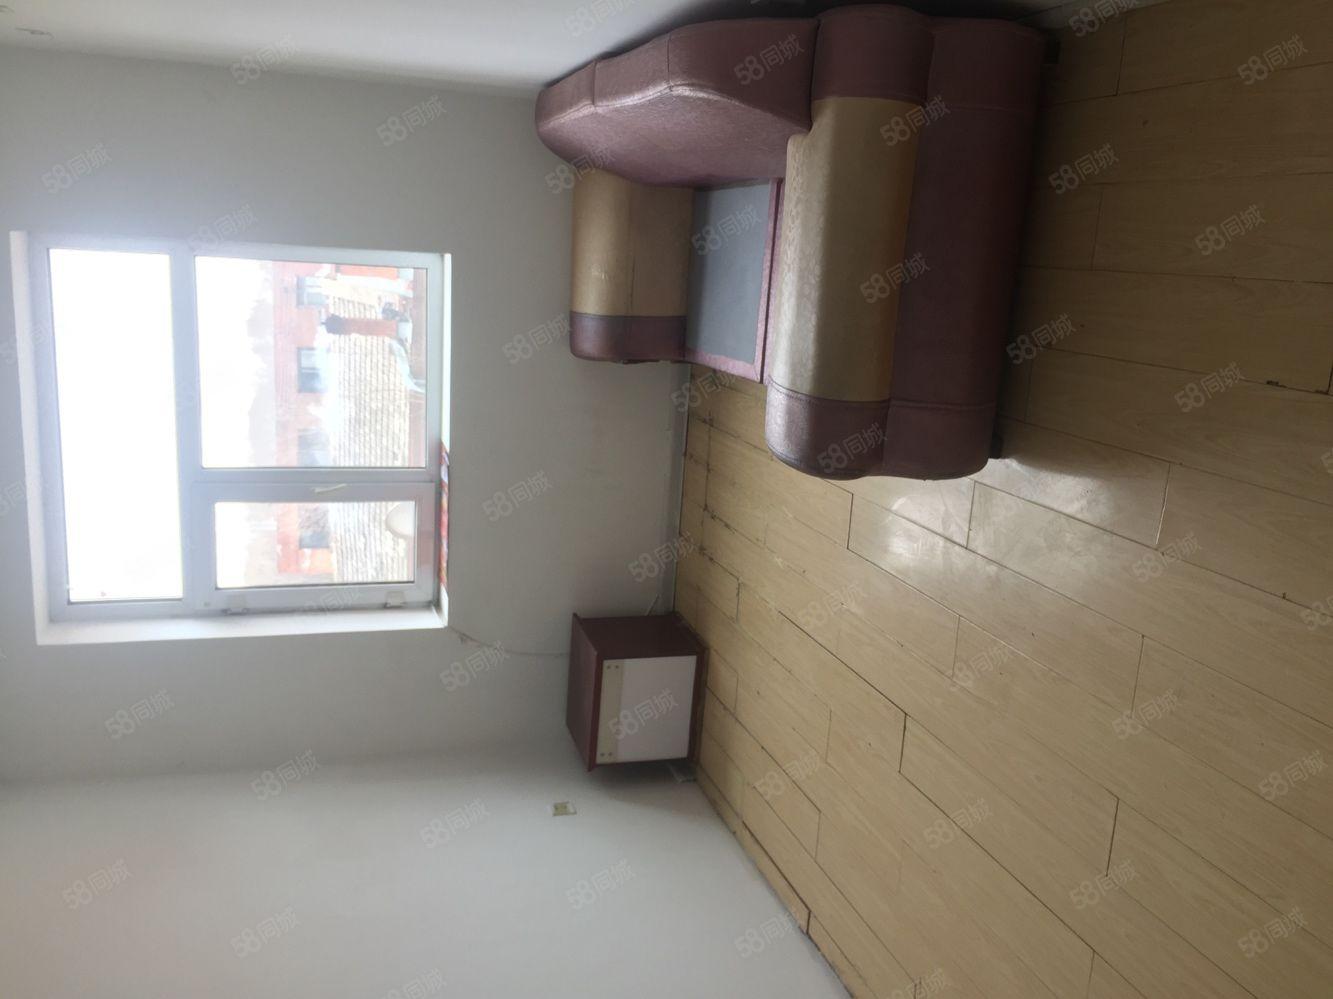 出租,南山鑫苑2楼75平米两室一厅出行方便,拎包入住